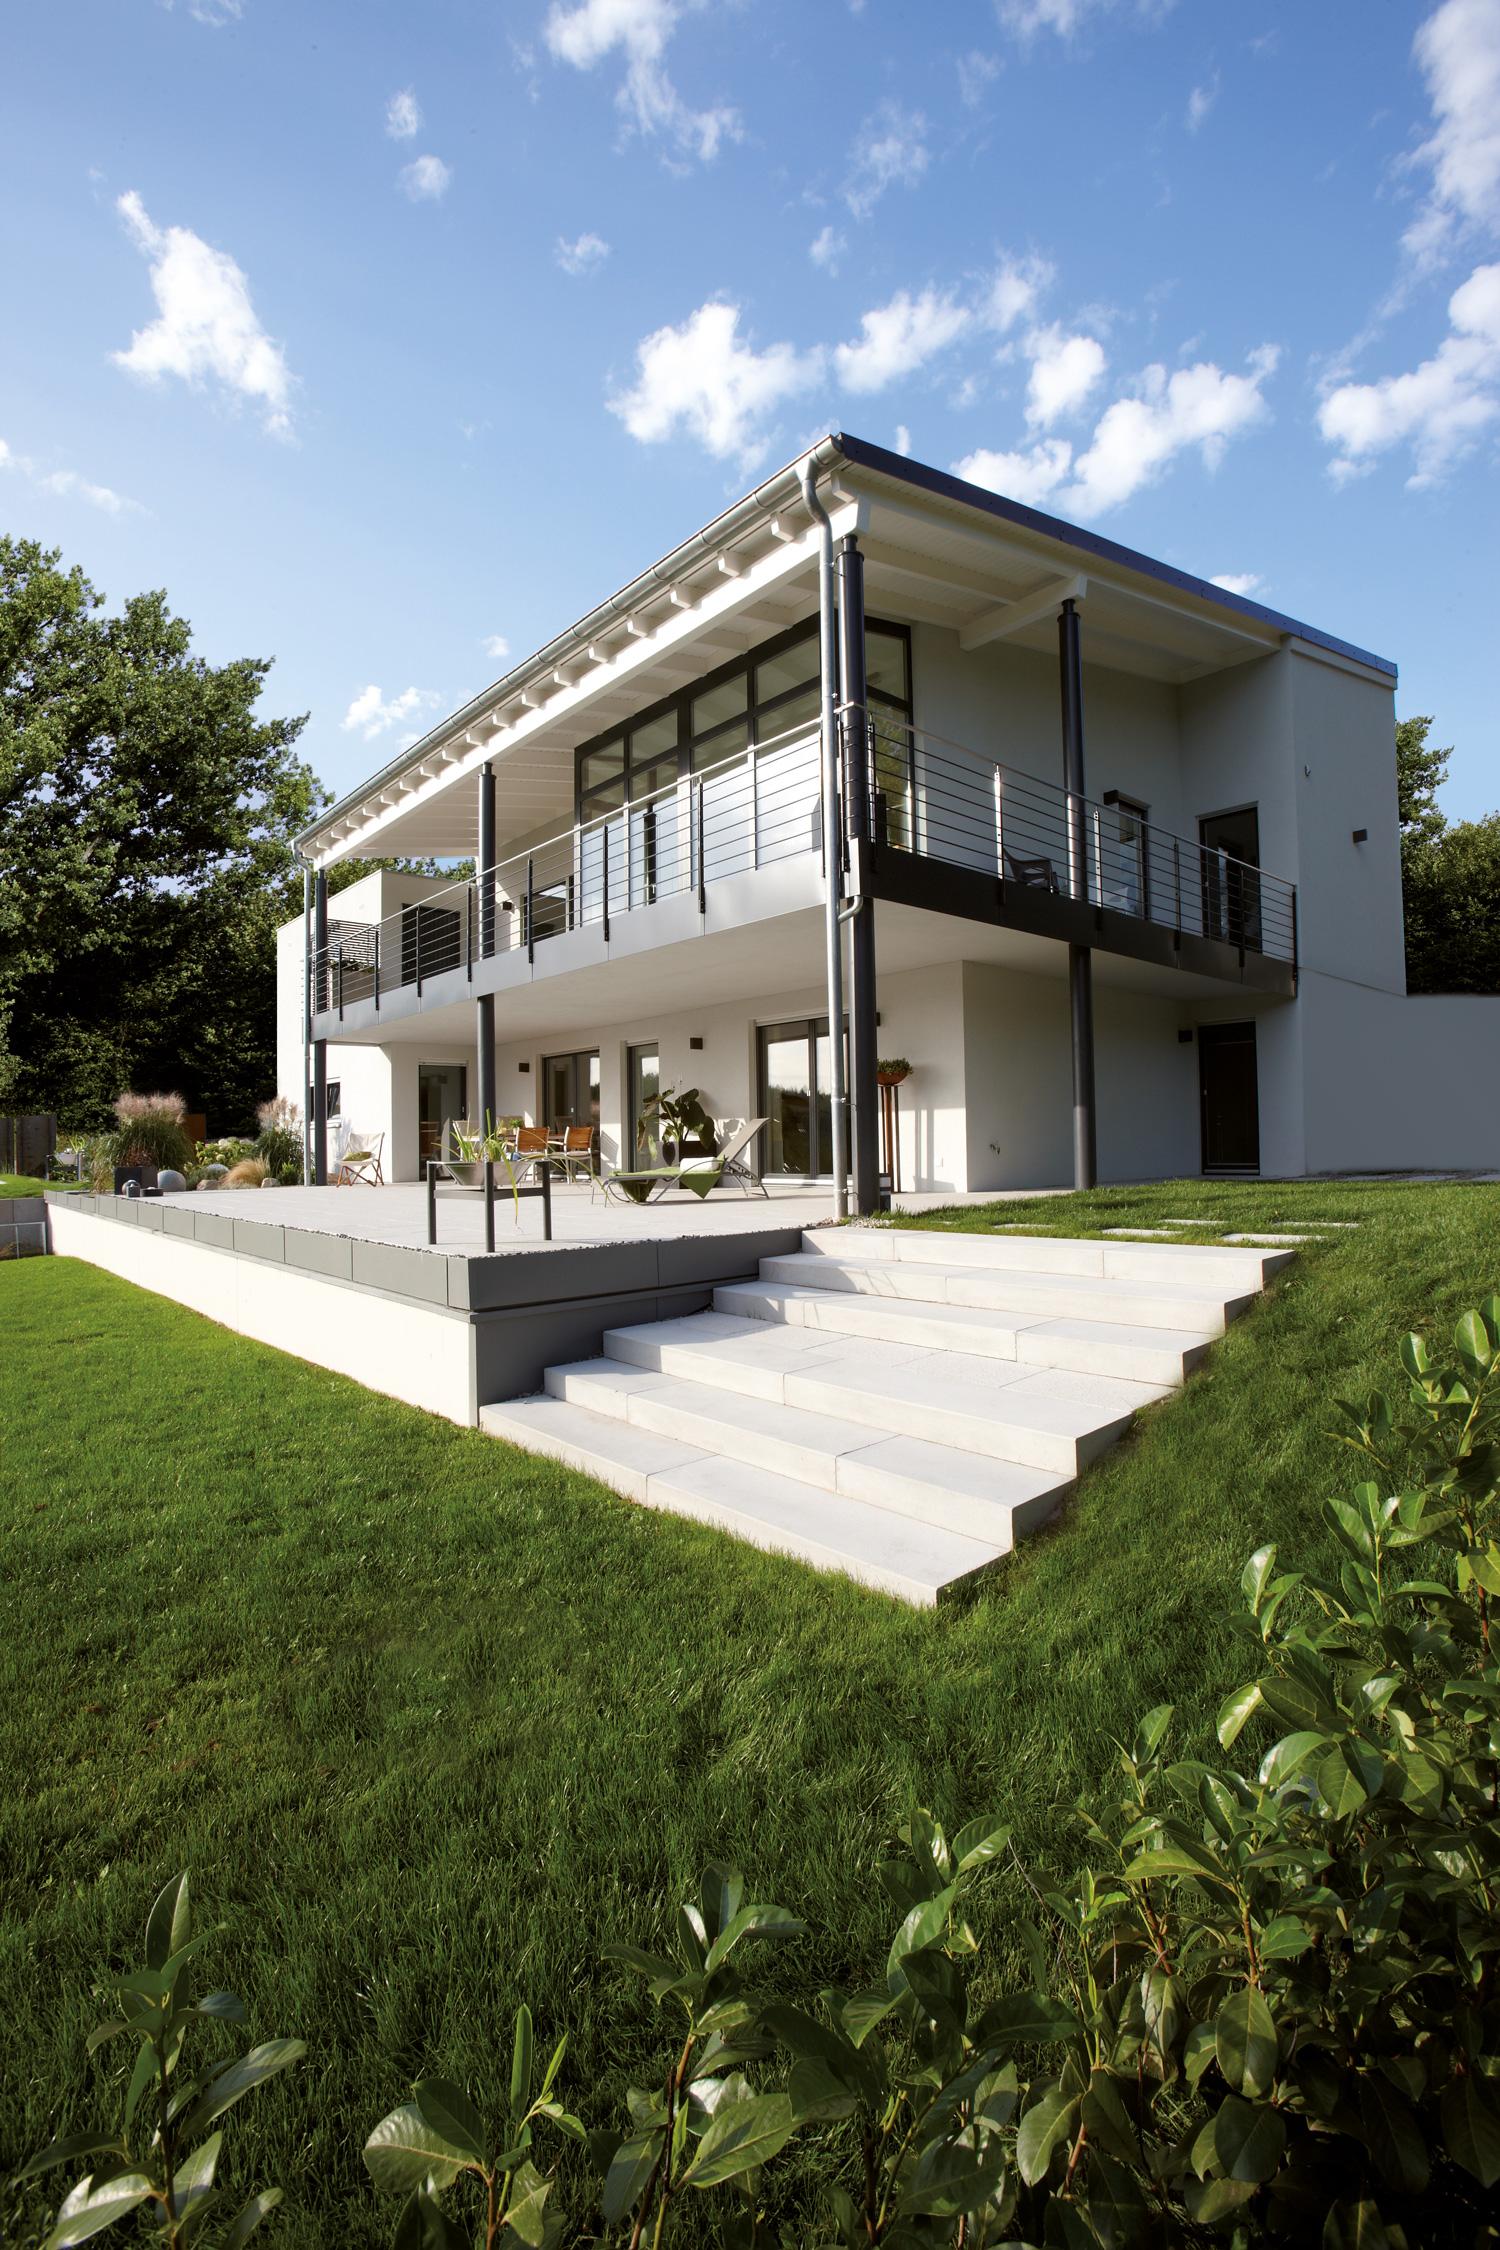 Moderne Gartenhäuser Zum Wohnen Glänzend On Modern Und Architektenhaus Satteldach In Moderner Architektur Bauen Haus 9